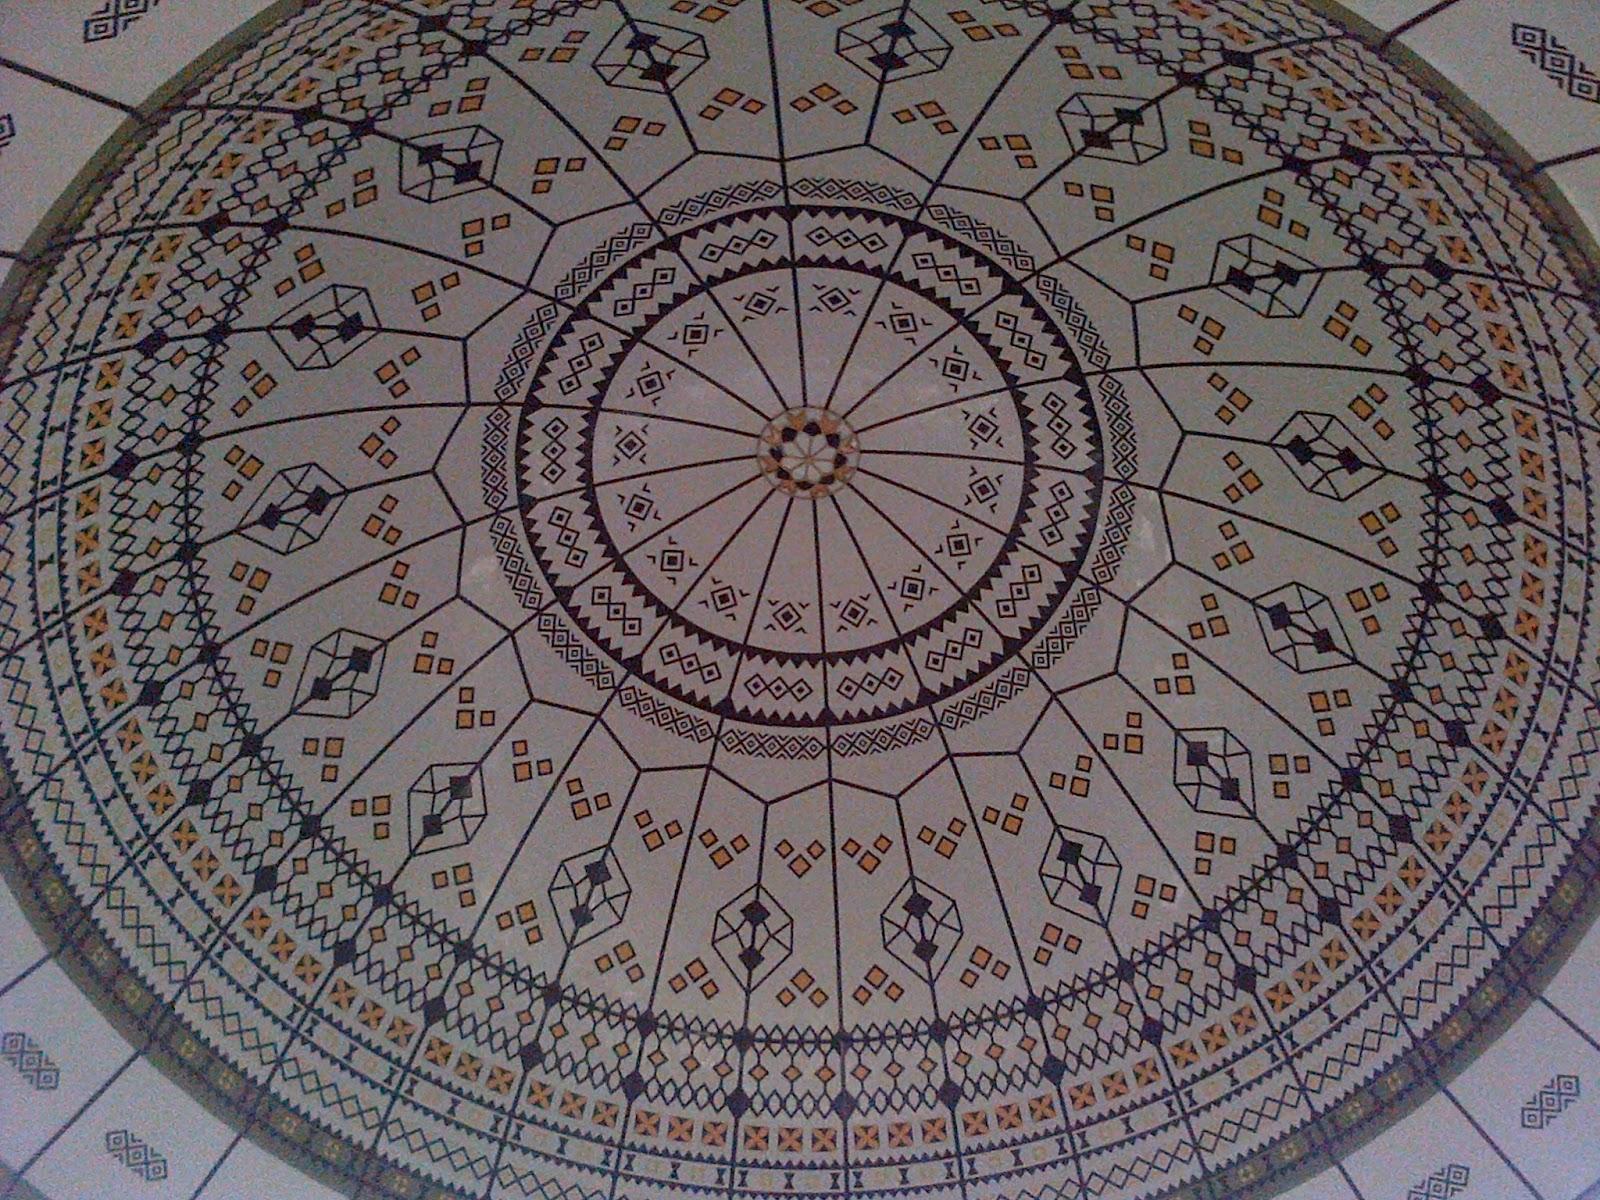 Masjid Raya Al Fatah Kebanggaan Kota Ambon Story Kubah Tampak